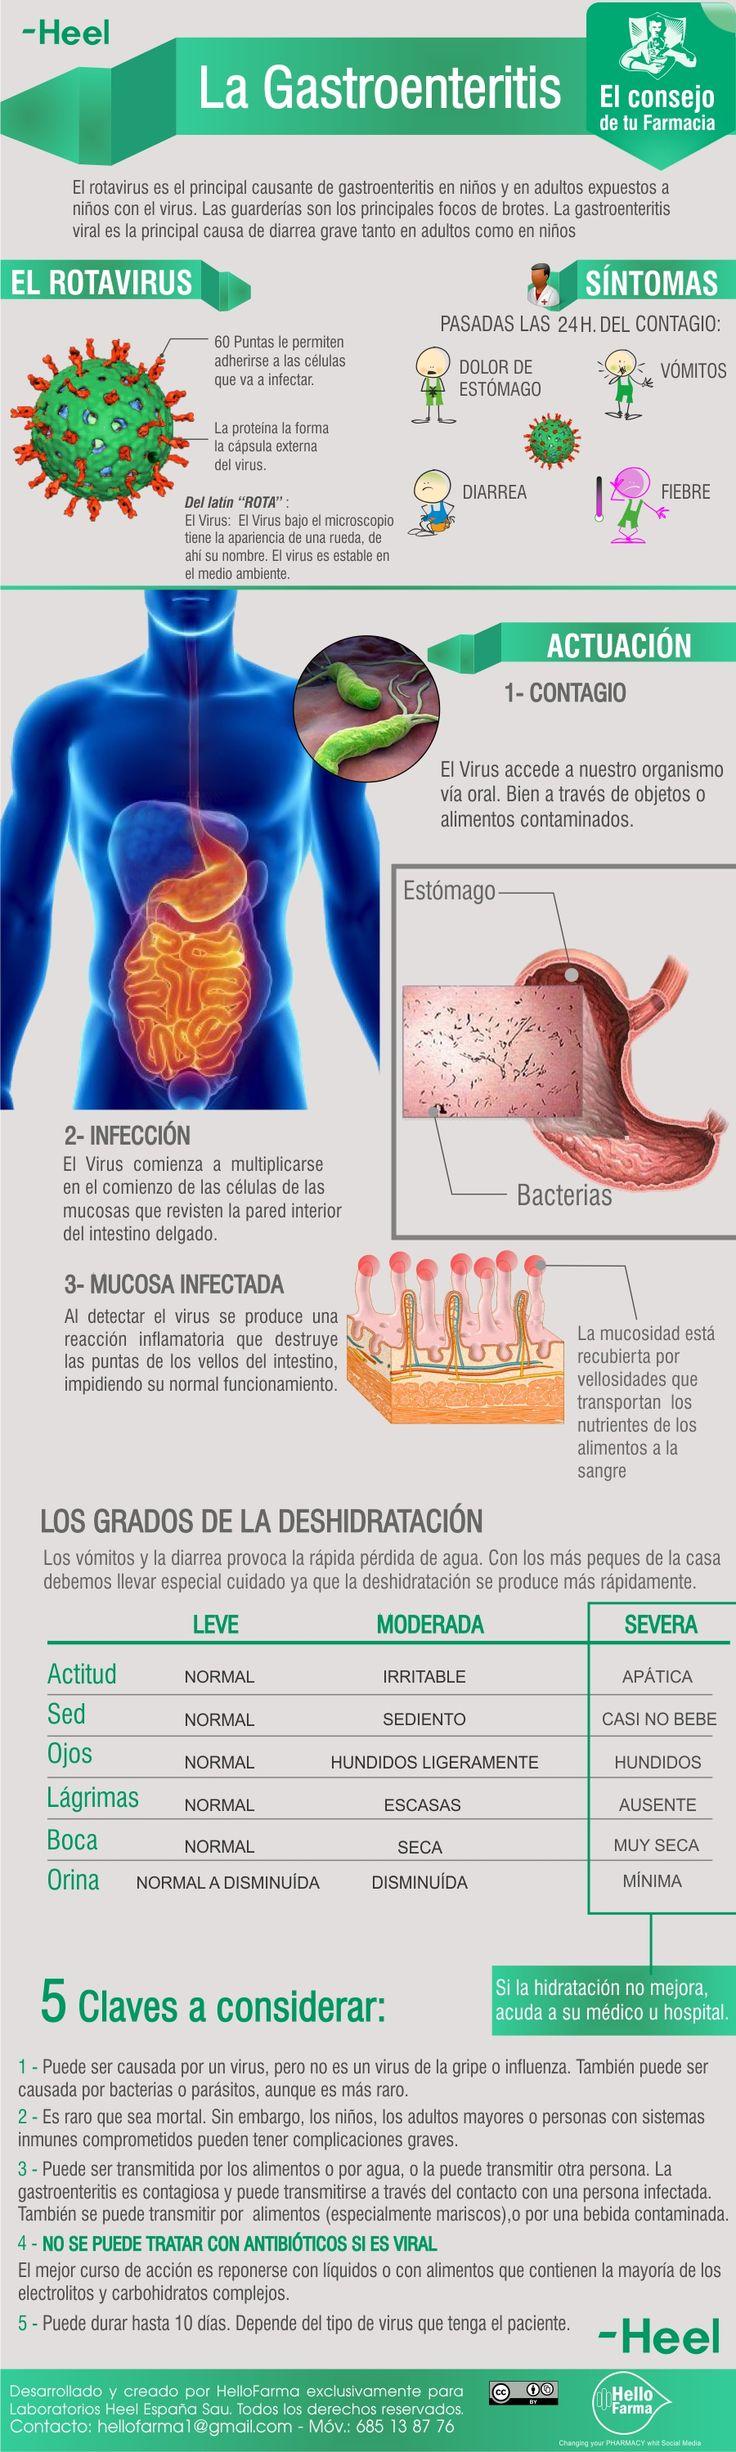 El proceso de la gastroenteritis: 5 tips a tener en cuenta.